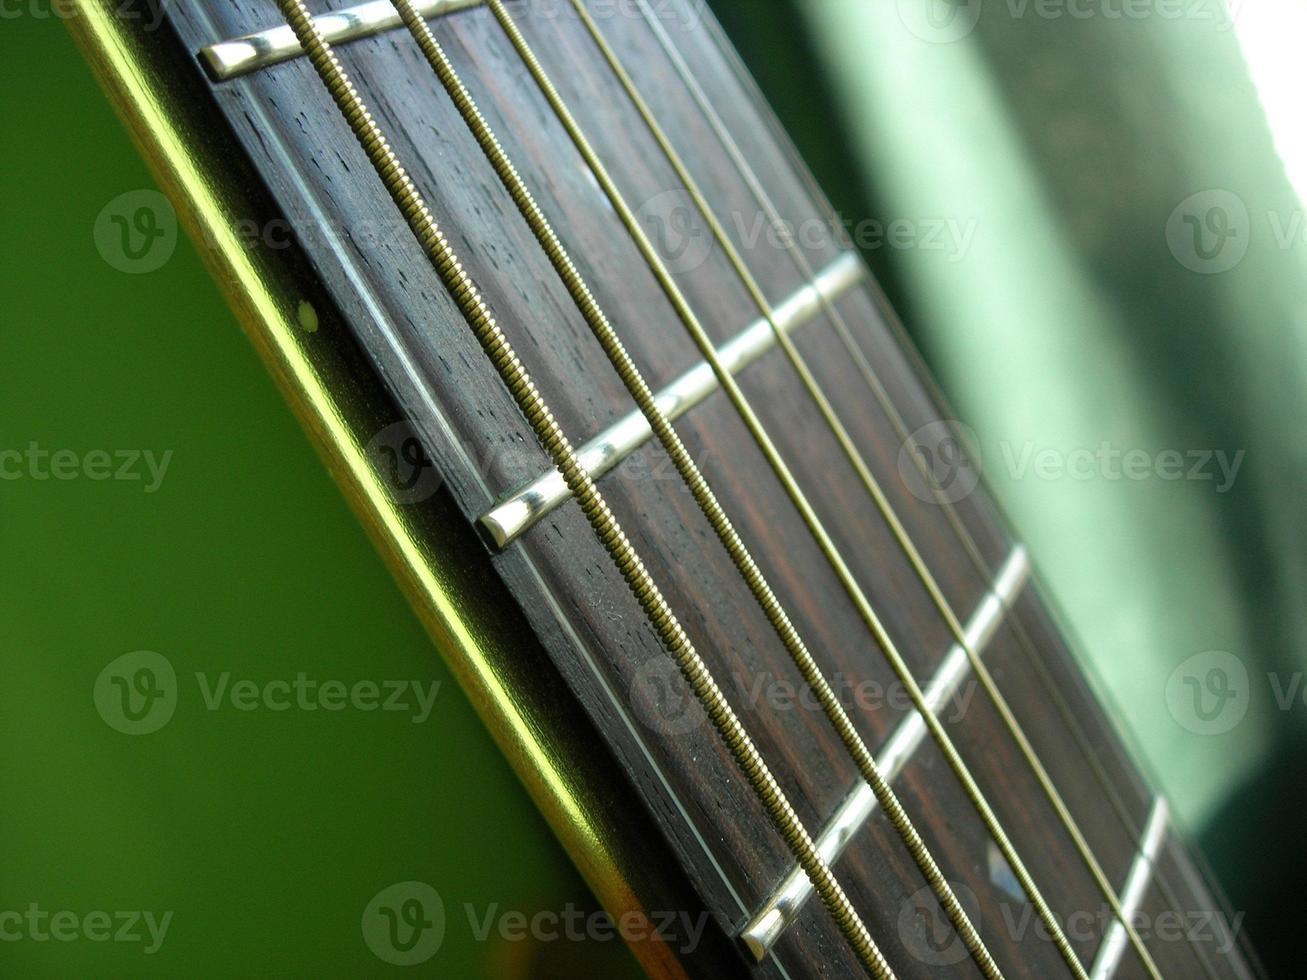 guitare acoustique 4 photo